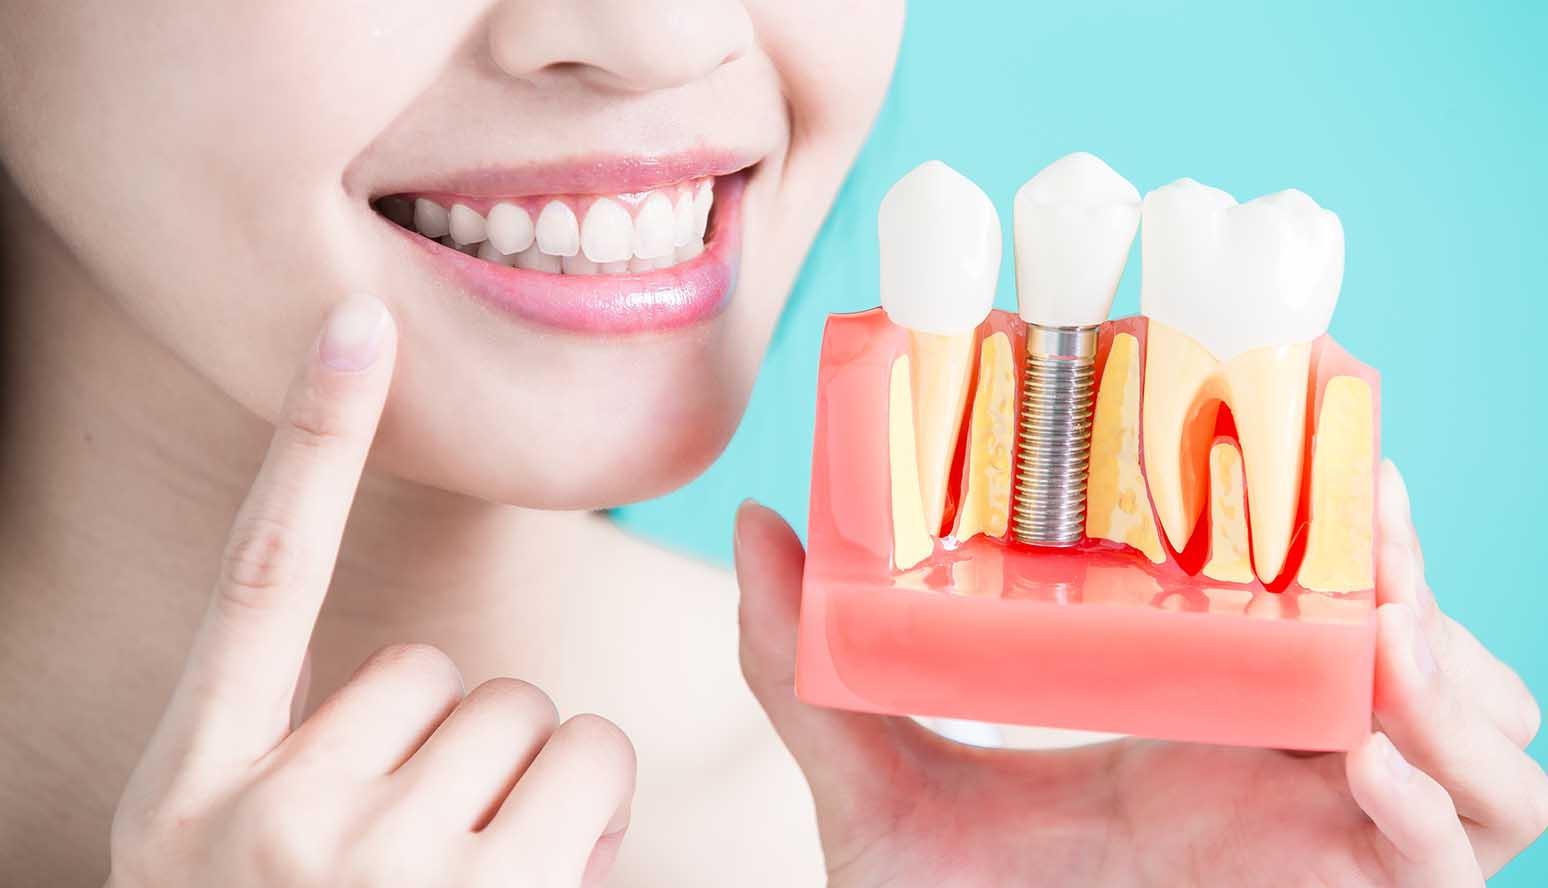 عيادات تجميل الاسنان في تركيا